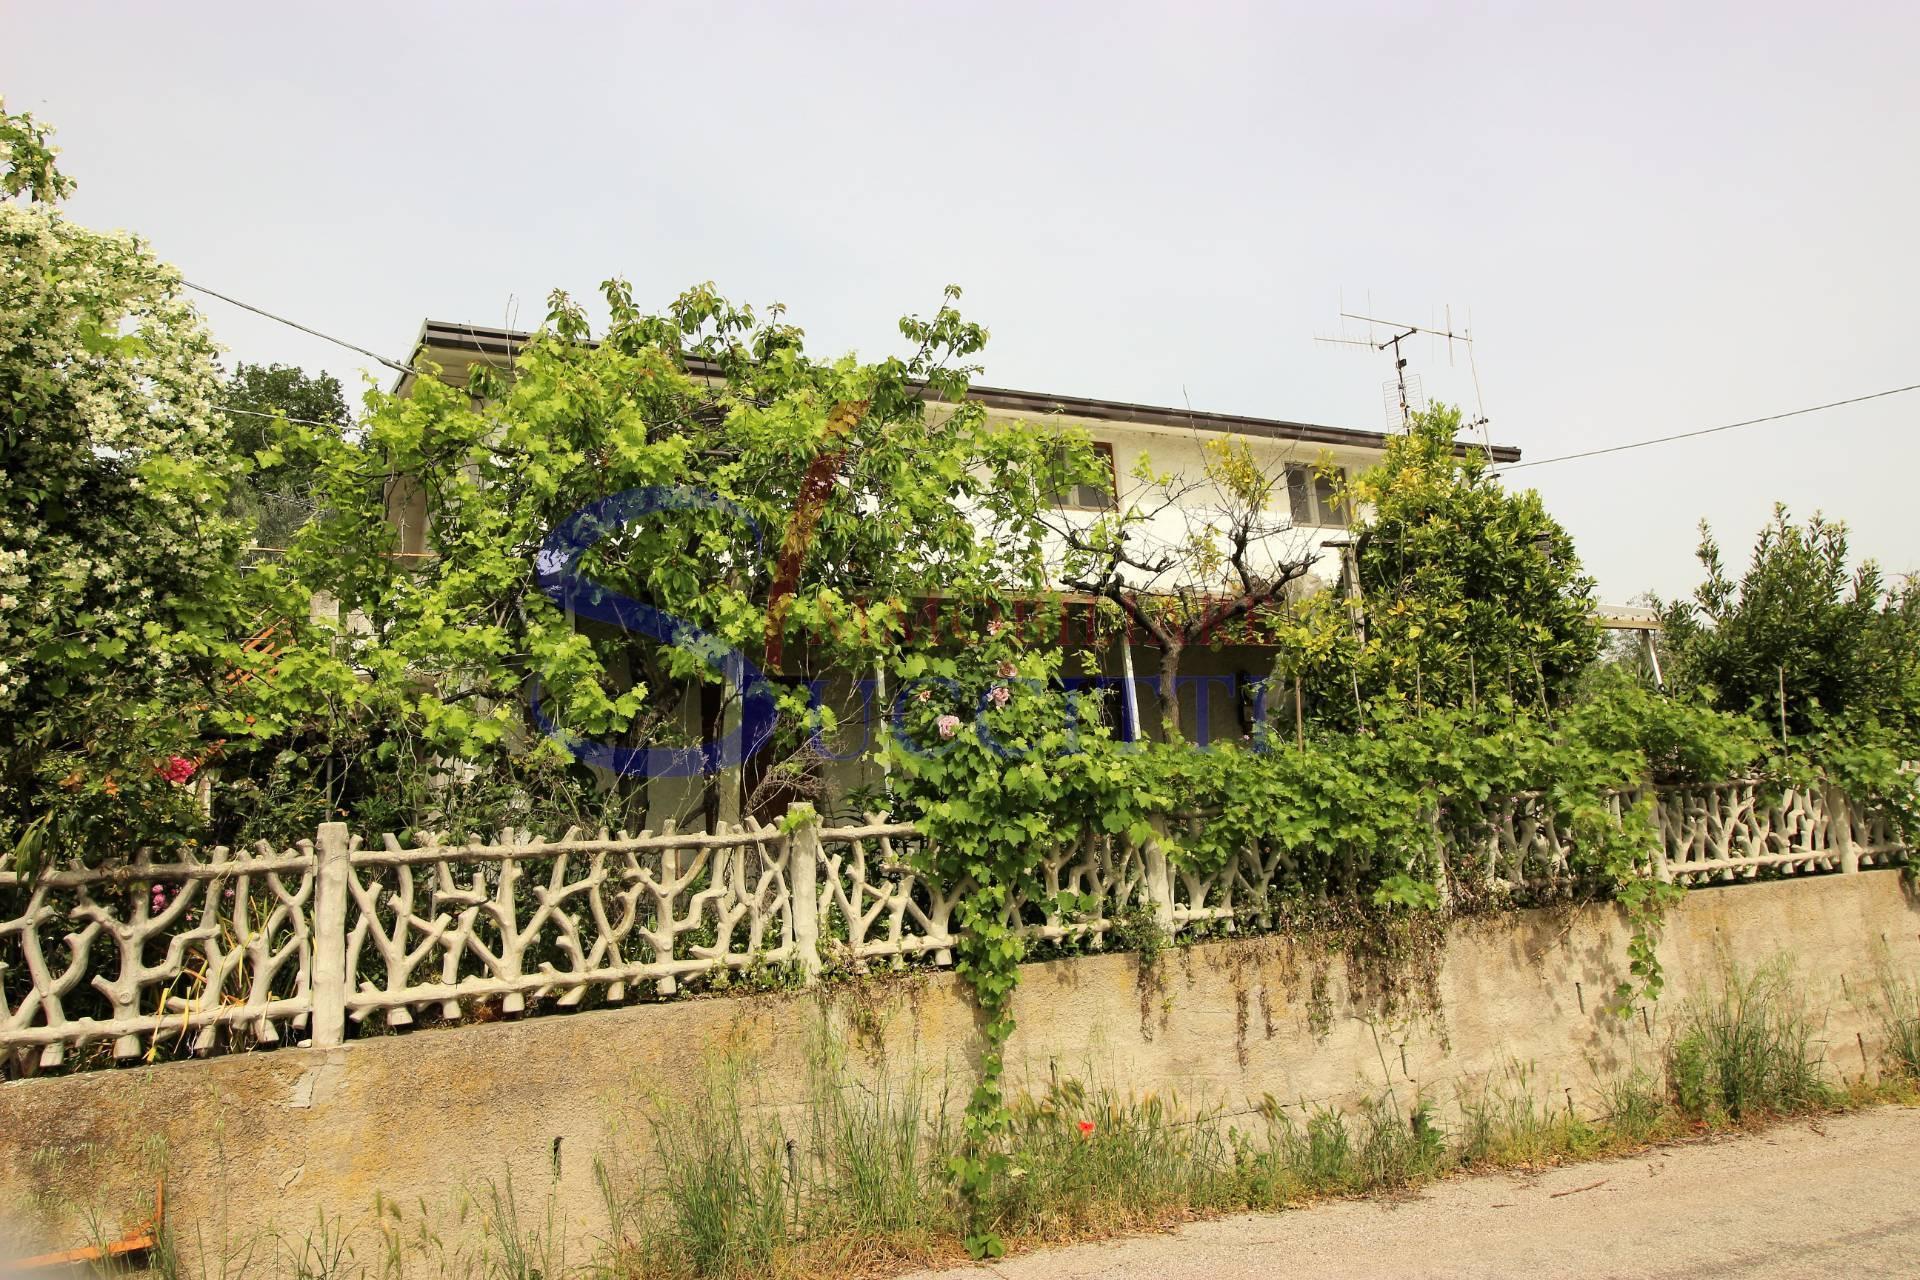 Soluzione Indipendente in vendita a Bellante, 4 locali, zona Località: SanMauro, prezzo € 57.000 | CambioCasa.it